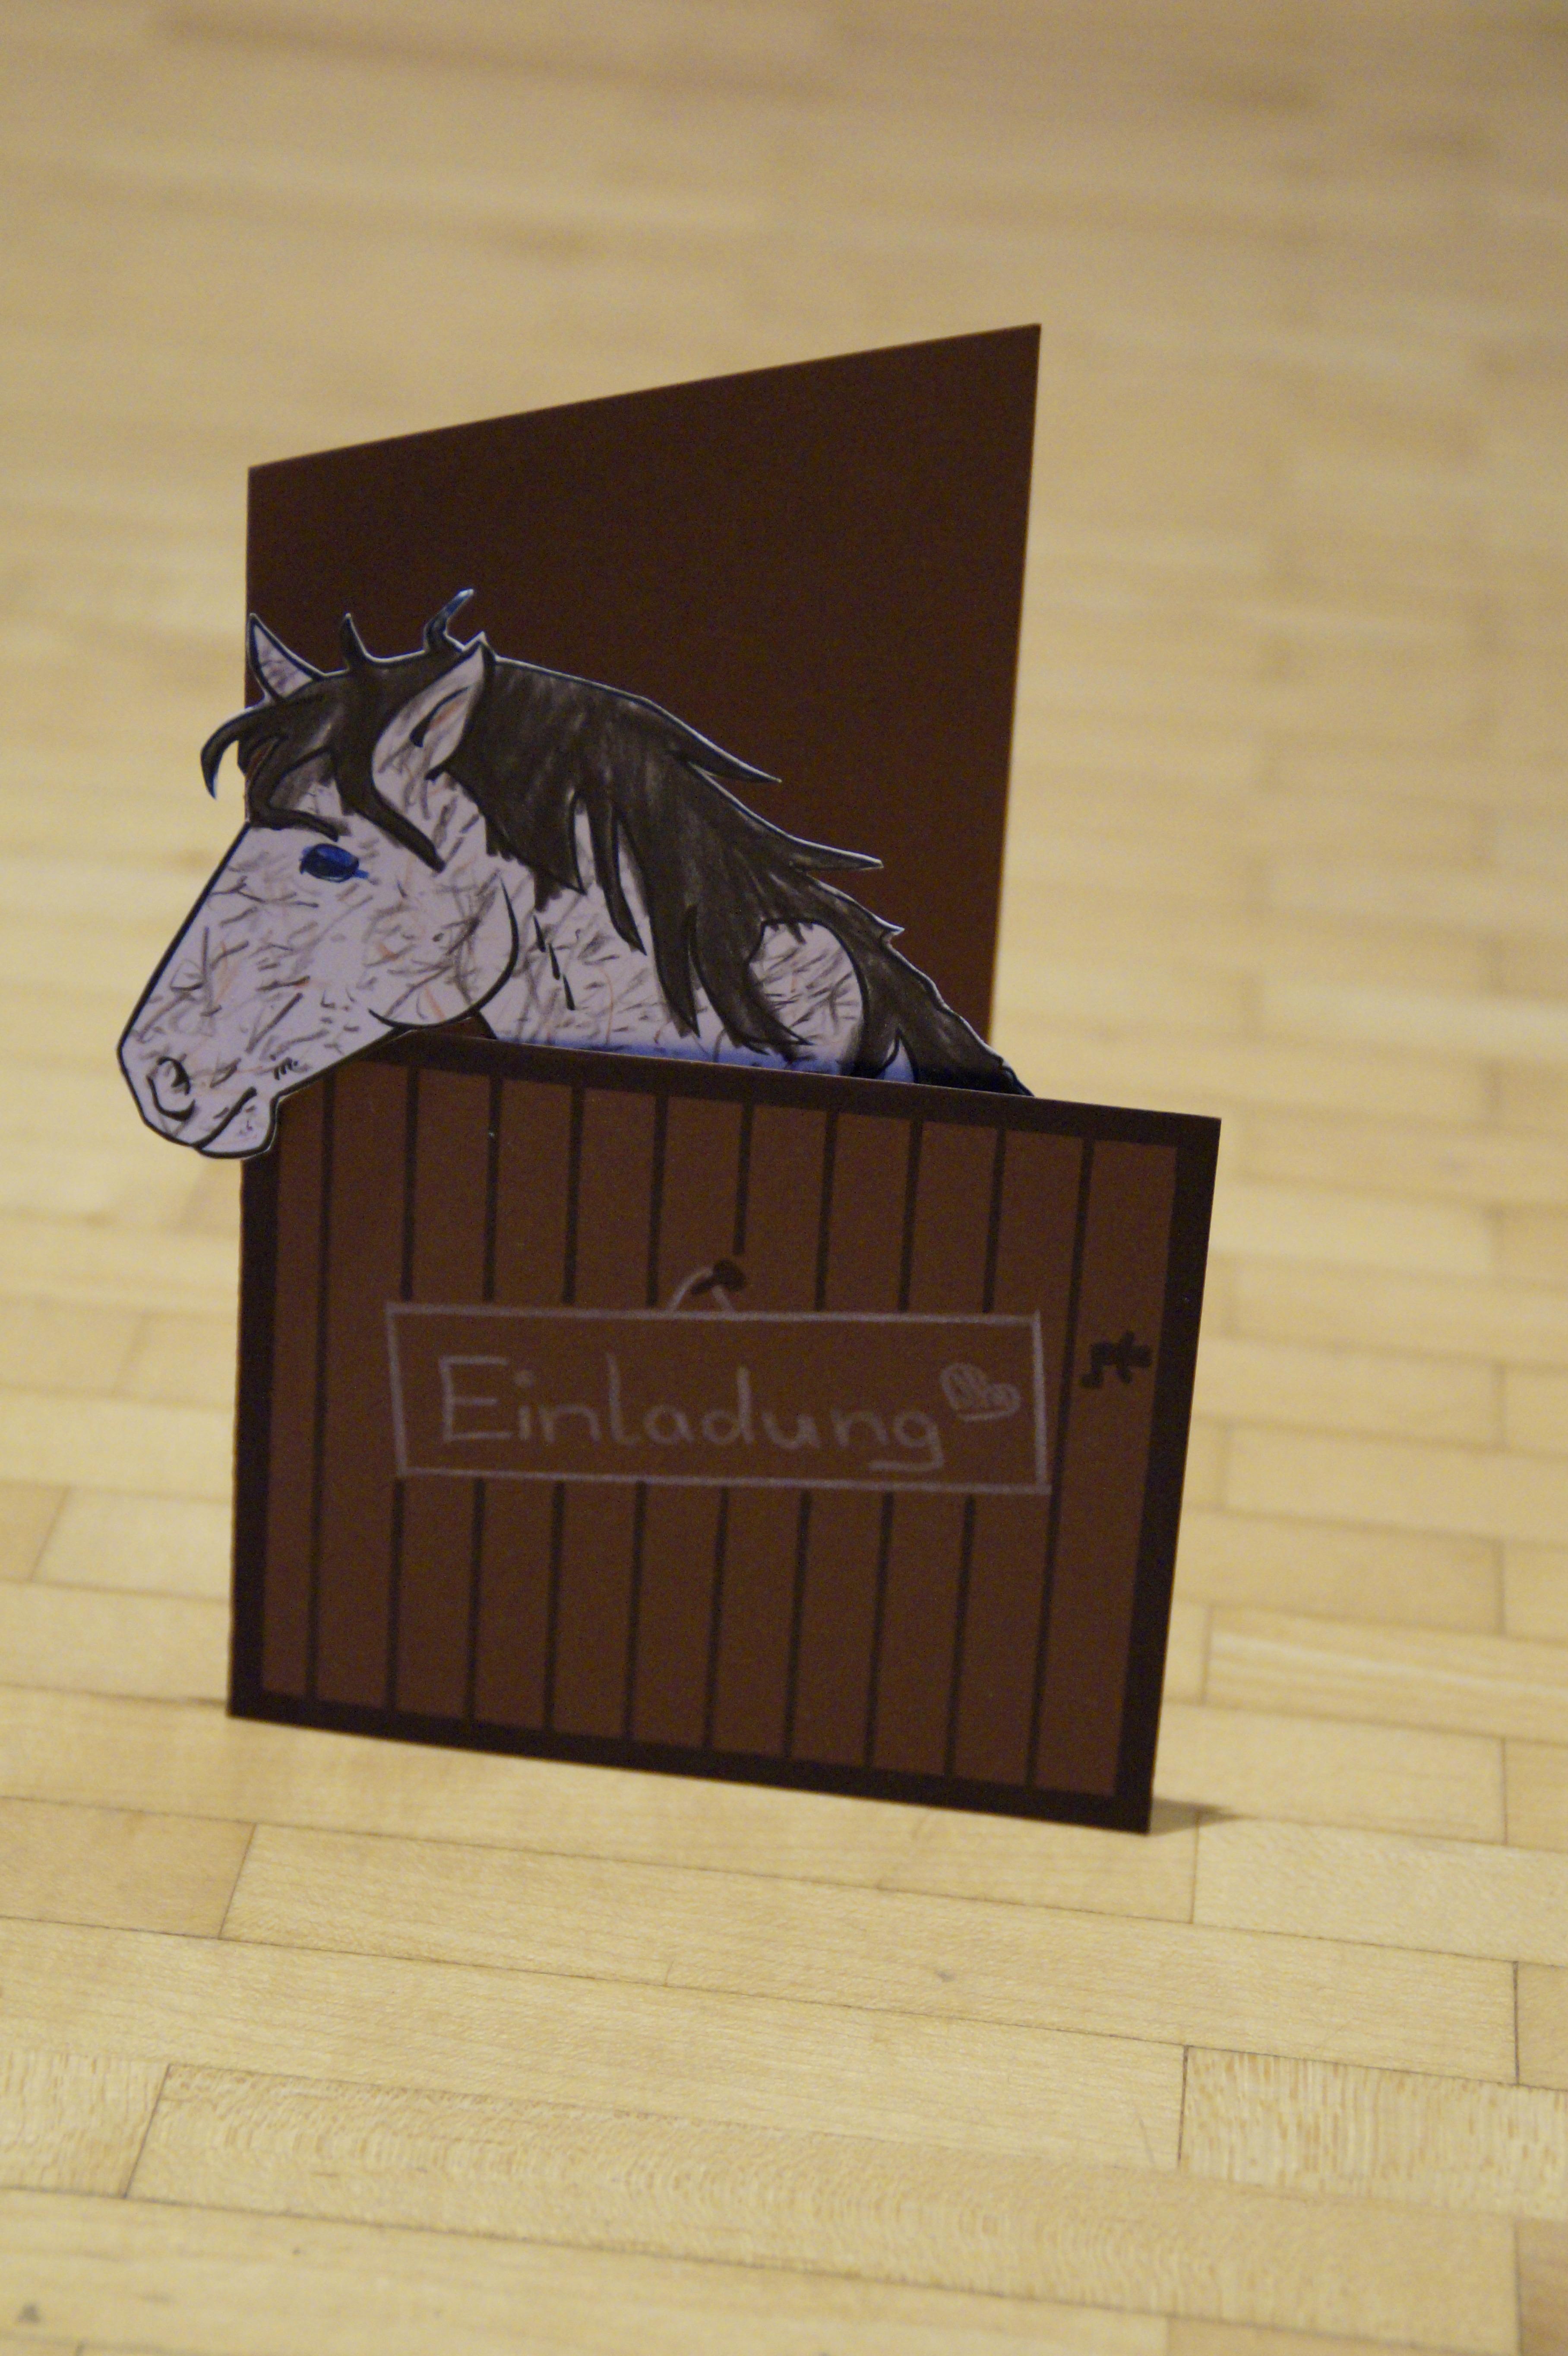 Holz Feier Pferd Hausgemacht Karte Feiern Kunst Festival Bilderrahmen  Carving Geburtstag Gebastelt Kindergeburtstag Einladung Selbstgemacht  Pferdestall